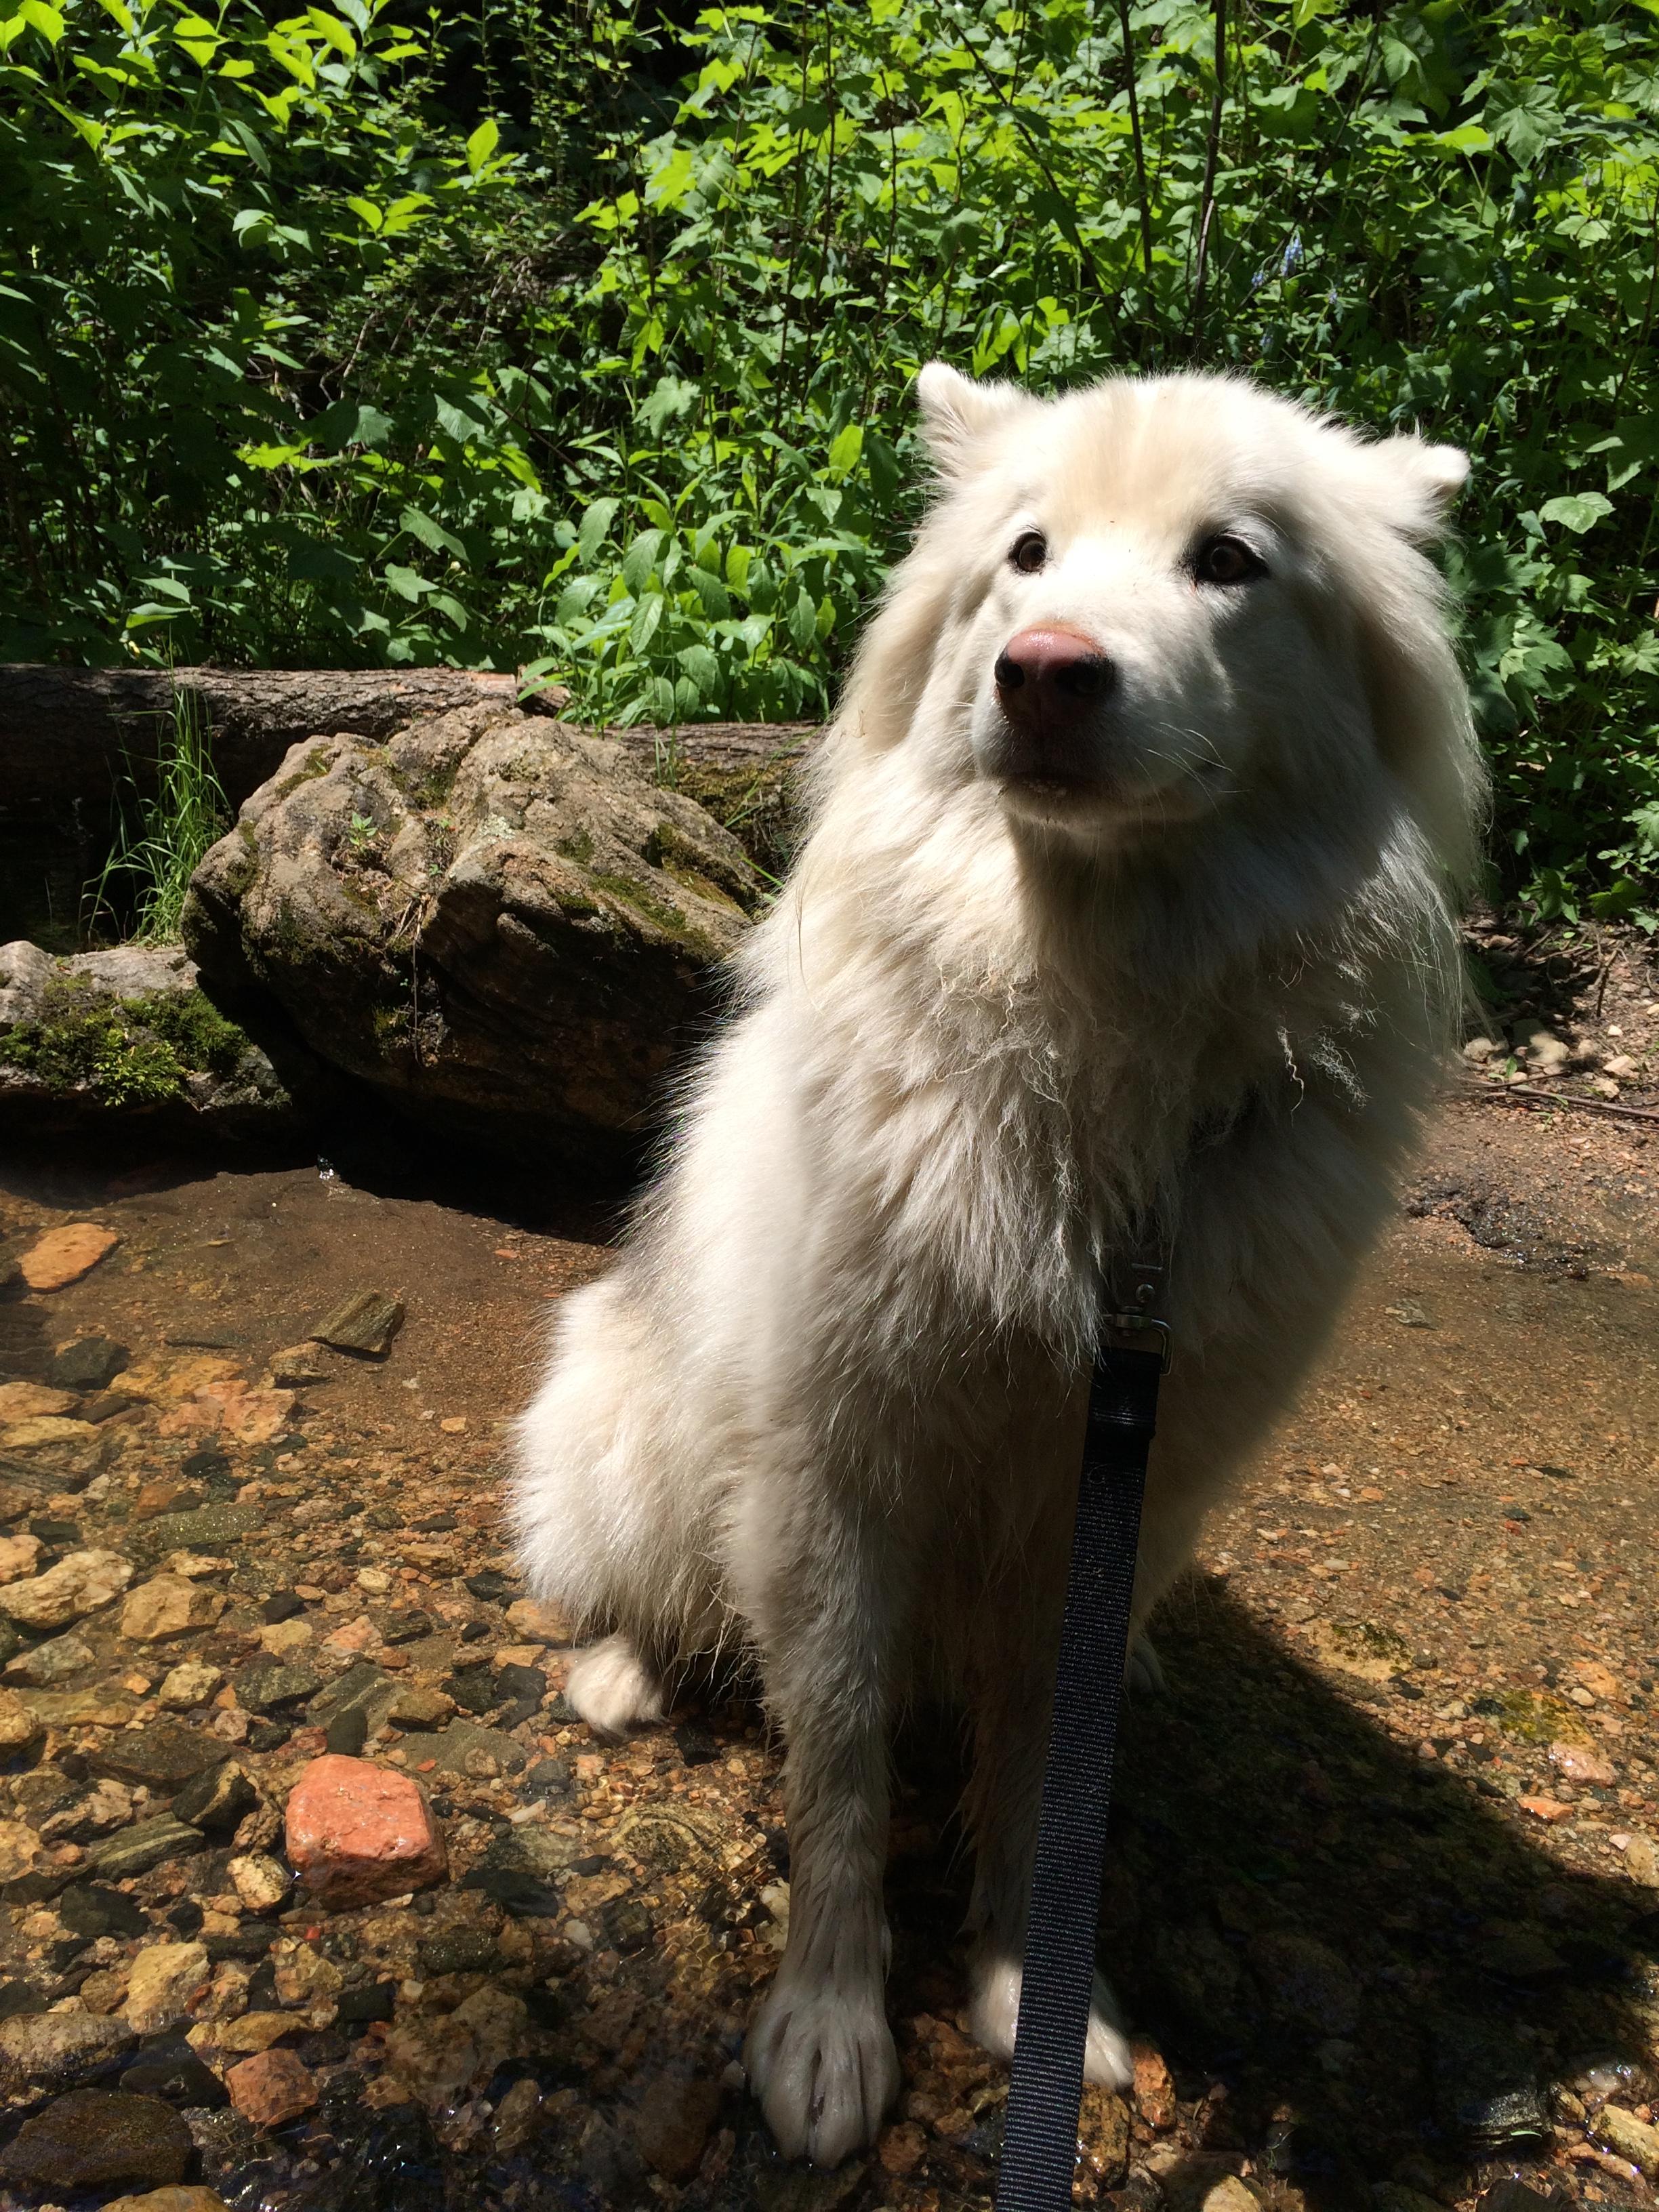 Fluffy Dog enjoying a snack break in a stream.